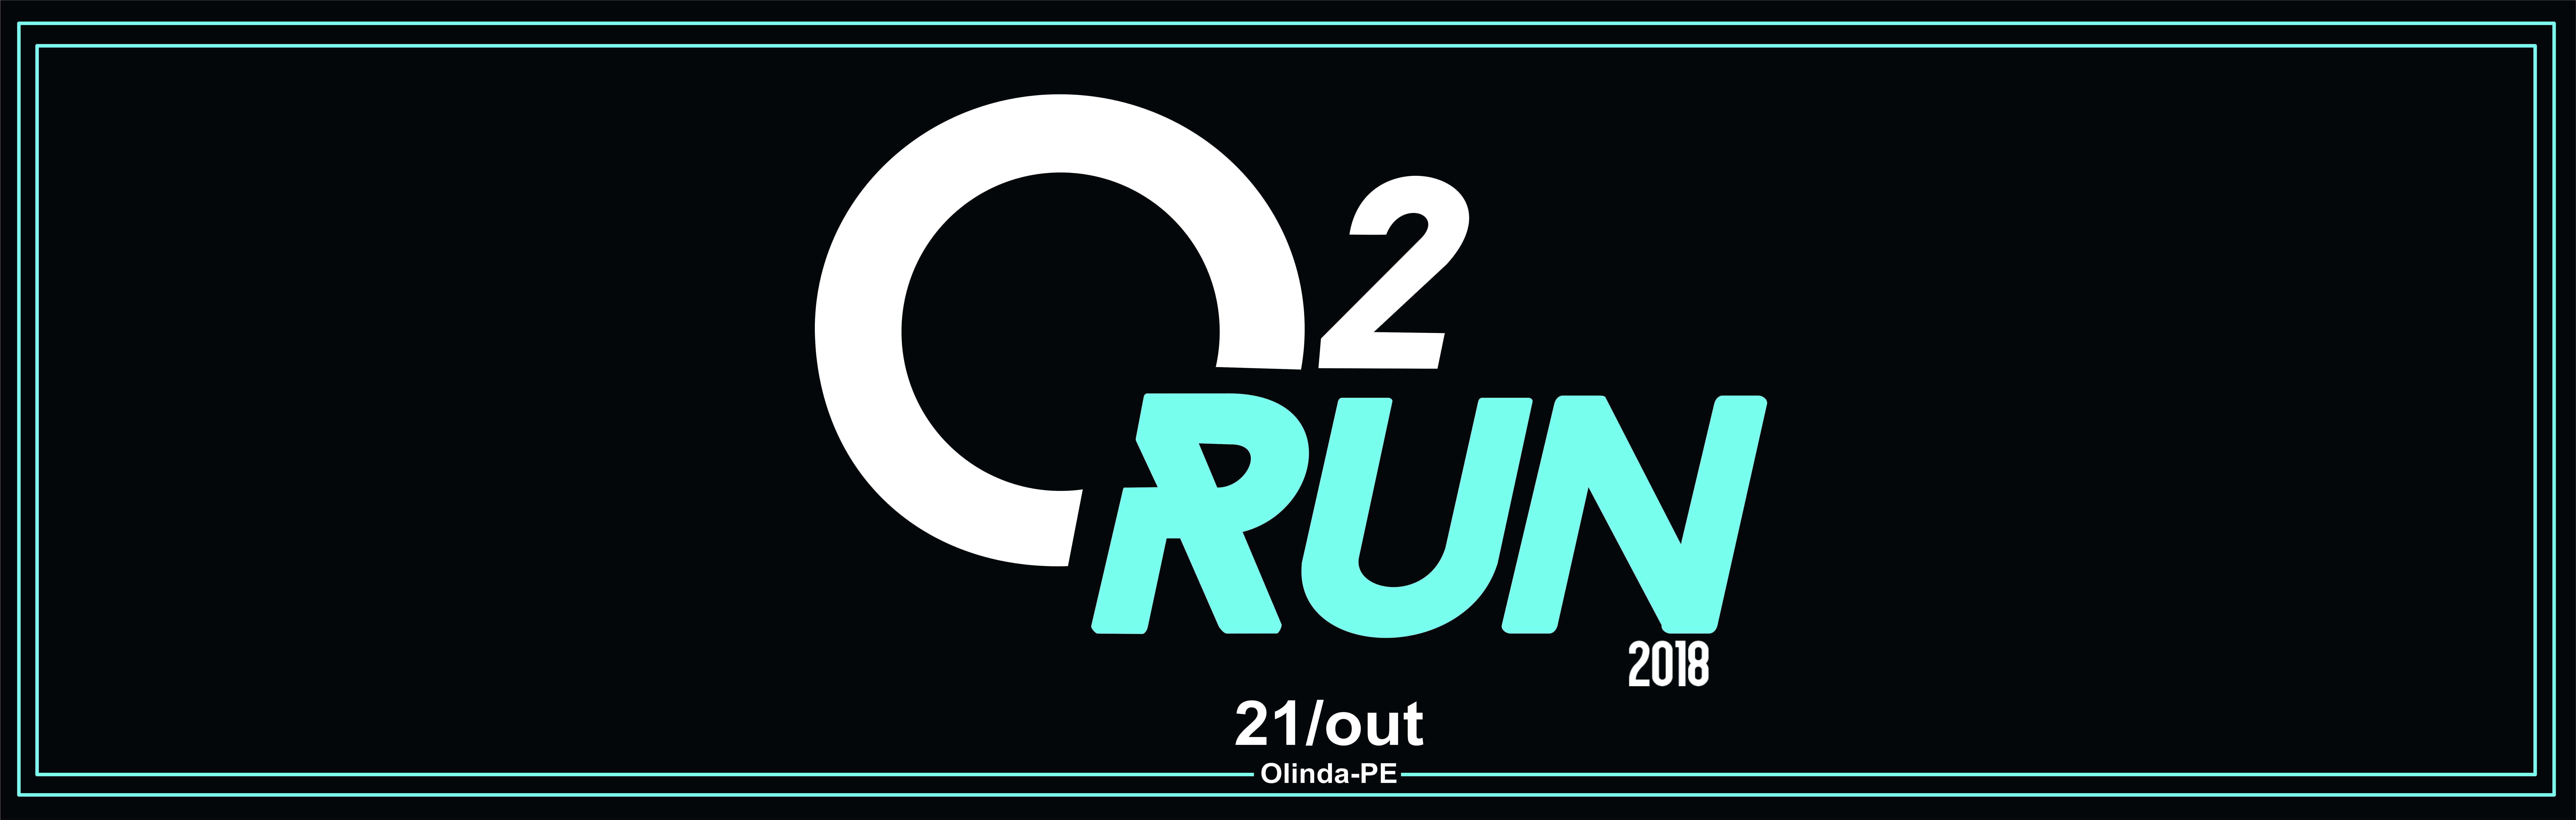 O2 Run 2018